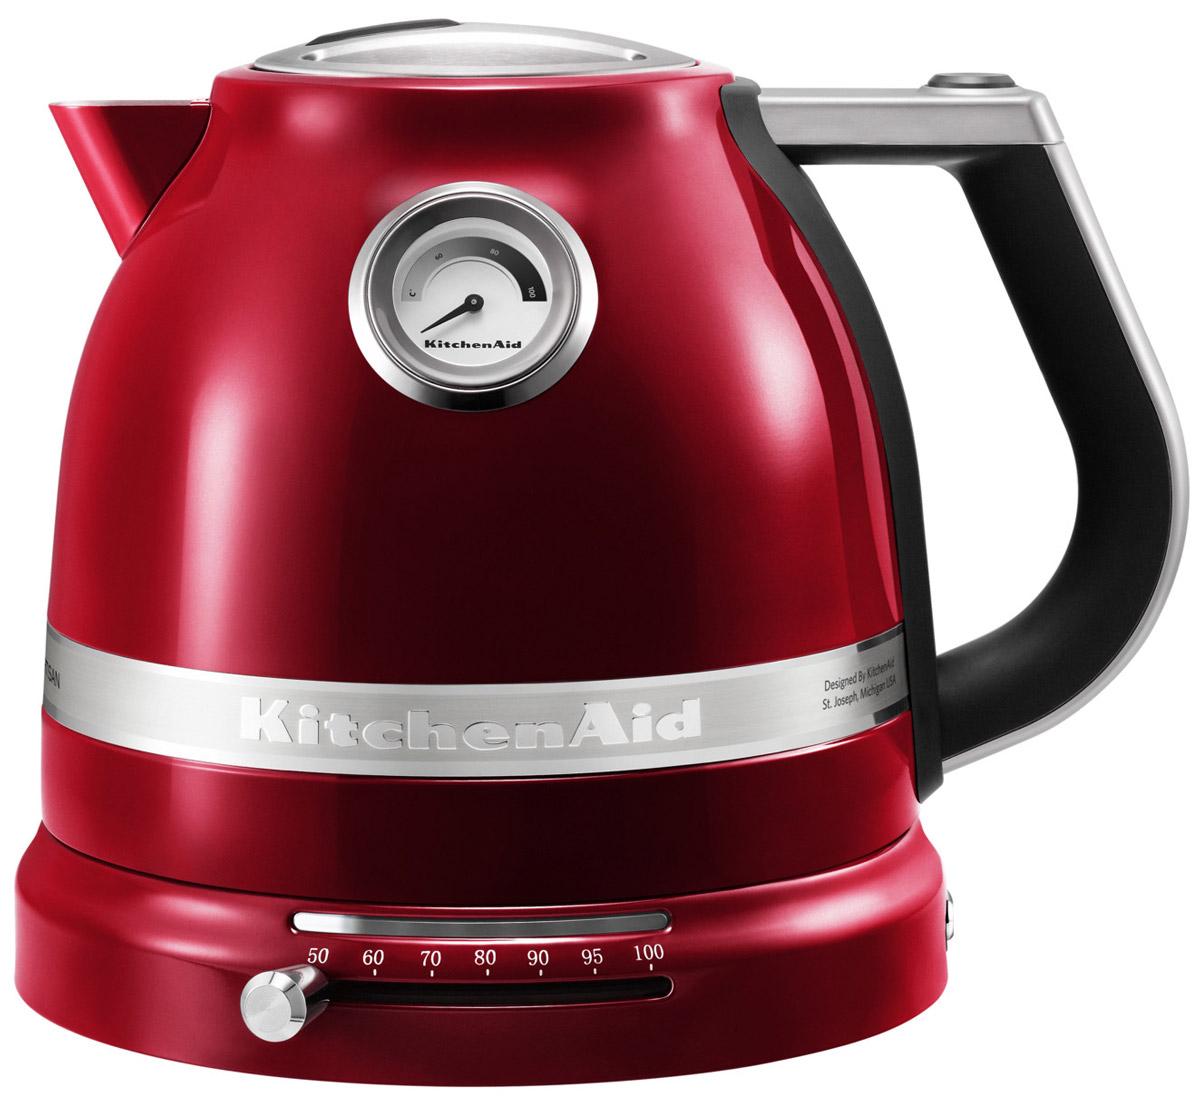 KitchenAid Artisan (5KEK1522ECA), Red Caramel электрочайник5KEK1522ECA Red CaramelЭлектрический чайник KitchenAid ARTISAN объемом 1,5 литра - это новое слово в бытовой технике. Великолепные формы, эргономичность и элегантность - лучший образец, который обязательно должен быть на любой кухне. Выпить чашку чая с KitchenAid ARTISAN - это доставить себе истинное наслаждение и удовольствие. Ценители чайного напитка прекрасно знают, что каждый вид чая требует своей температуры воды. Но добиться нужного нагрева с обычной моделью было невероятно сложно. Теперь все изменилось: с двустенным электрическим чайником KitchenAid ARTISAN объемом 1,5 литра вы можете: выбирать нужную температуру нагрева от 50 до 100 градусов; поддерживать воду горячей в течение всей чайной церемонии; видеть температуру воды даже тогда, когда чайник не стоит на своей платформе; не ждать любимого напитка дольше положенного - этот прибор нагревает воду моментально.